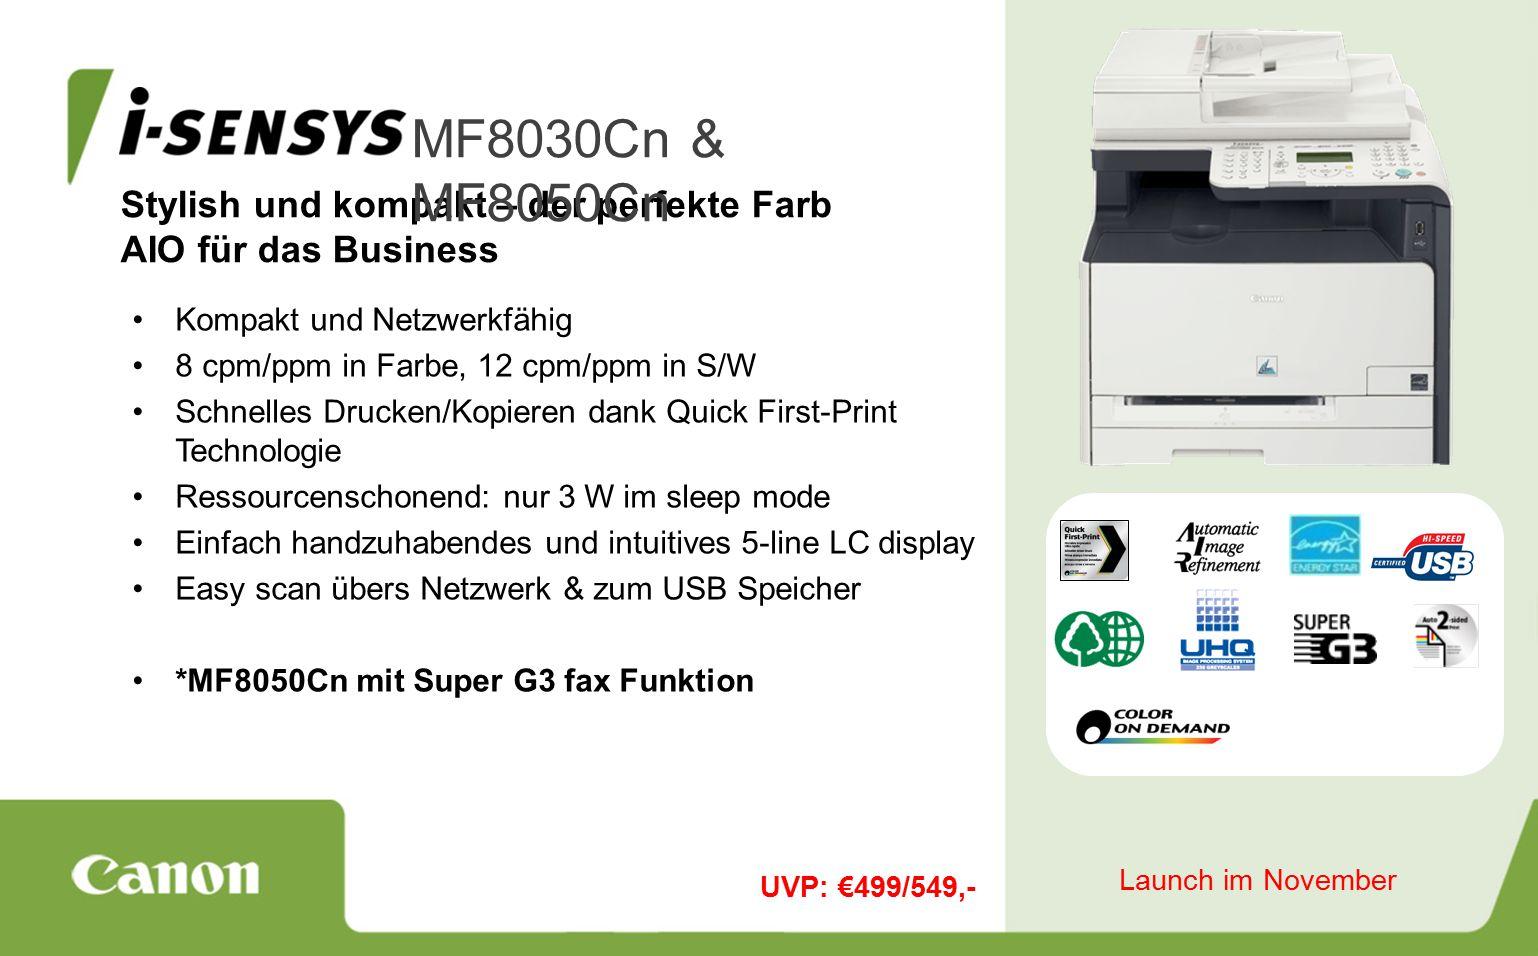 Stylish und kompakt – der perfekte Farb AIO für das Business MF8030Cn & MF8050Cn Kompakt und Netzwerkfähig 8 cpm/ppm in Farbe, 12 cpm/ppm in S/W Schnelles Drucken/Kopieren dank Quick First-Print Technologie Ressourcenschonend: nur 3 W im sleep mode Einfach handzuhabendes und intuitives 5-line LC display Easy scan übers Netzwerk & zum USB Speicher *MF8050Cn mit Super G3 fax Funktion UVP: €499/549,- Launch im November